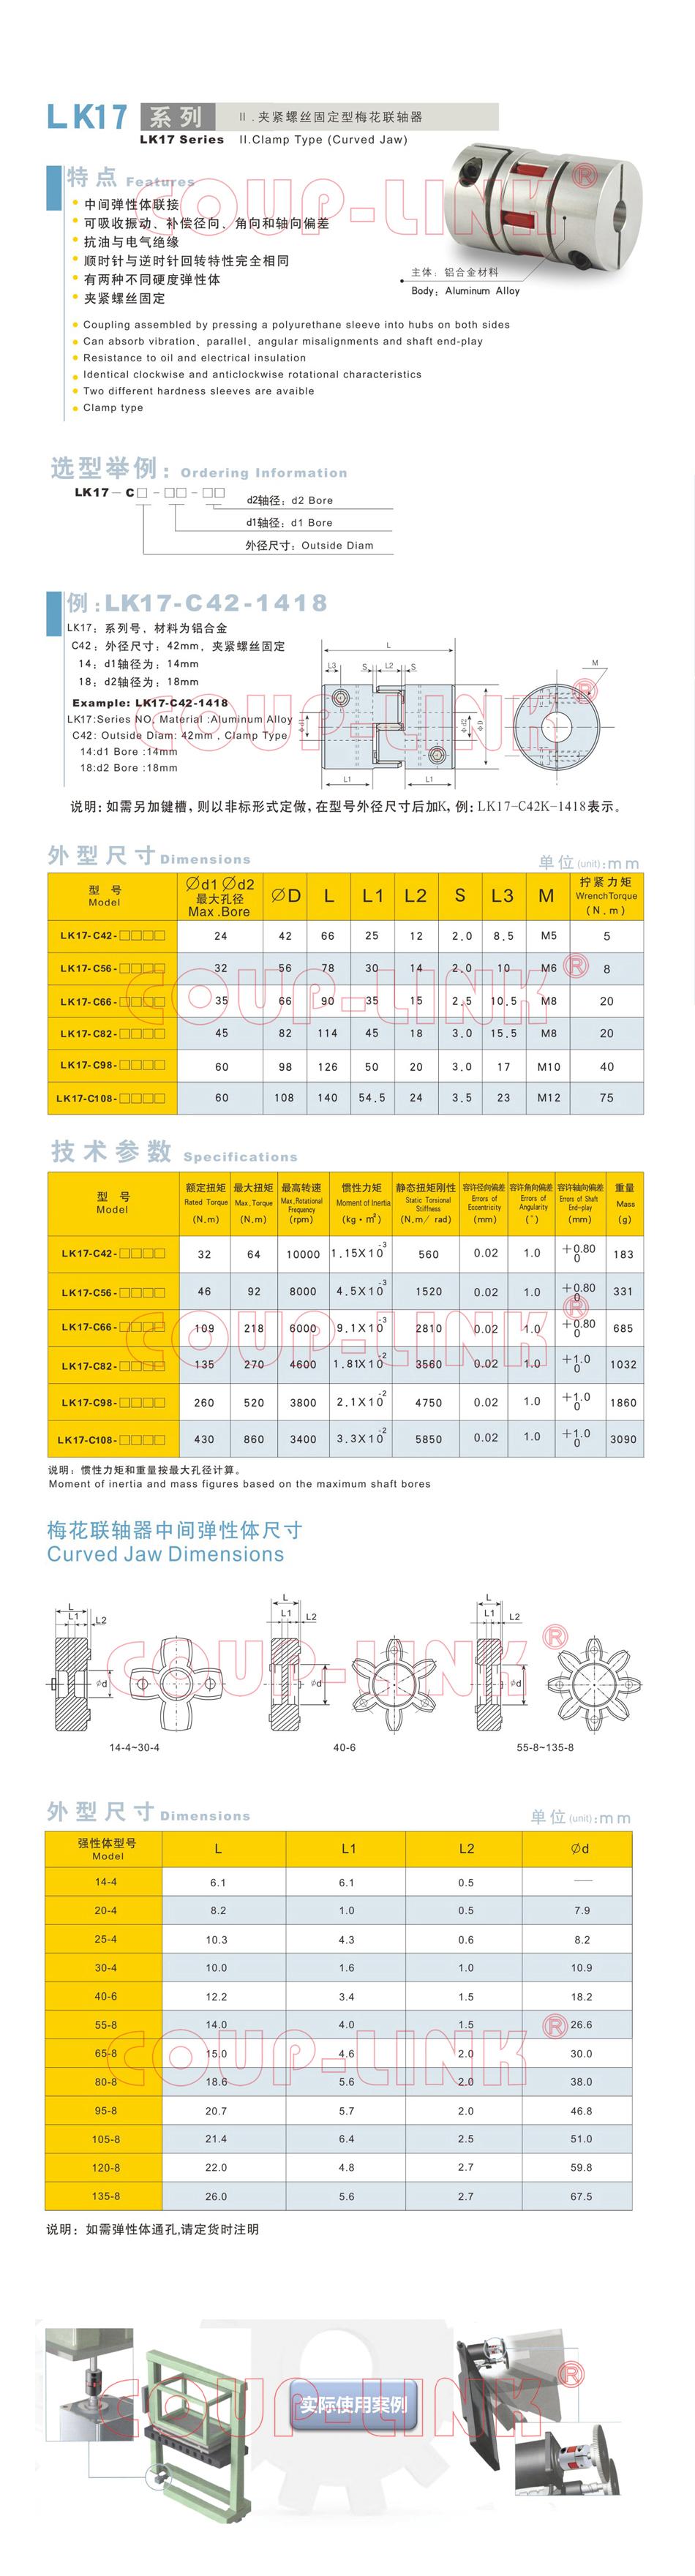 LK17系列 夾緊螺絲固定型梅花老子有钱app_老子有钱app種類-廣州老子有钱自動化設備有限公司